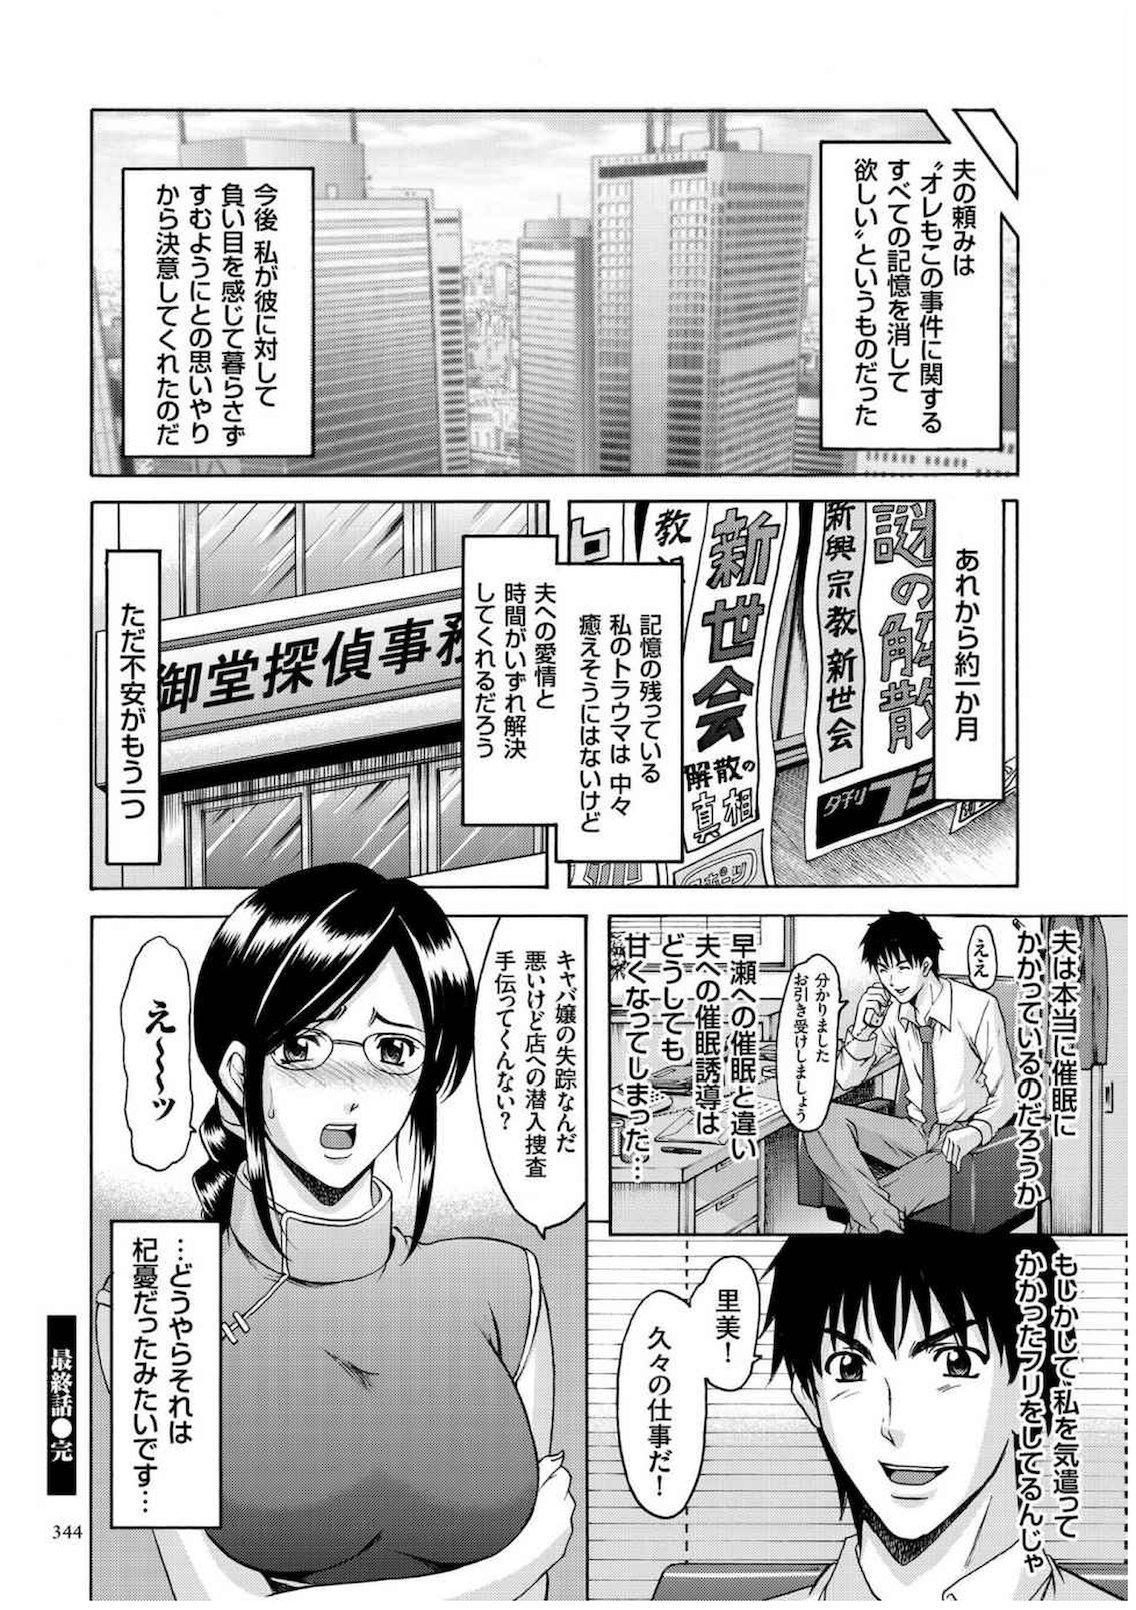 Sennyu Tsuma Satomi Kiroku 342